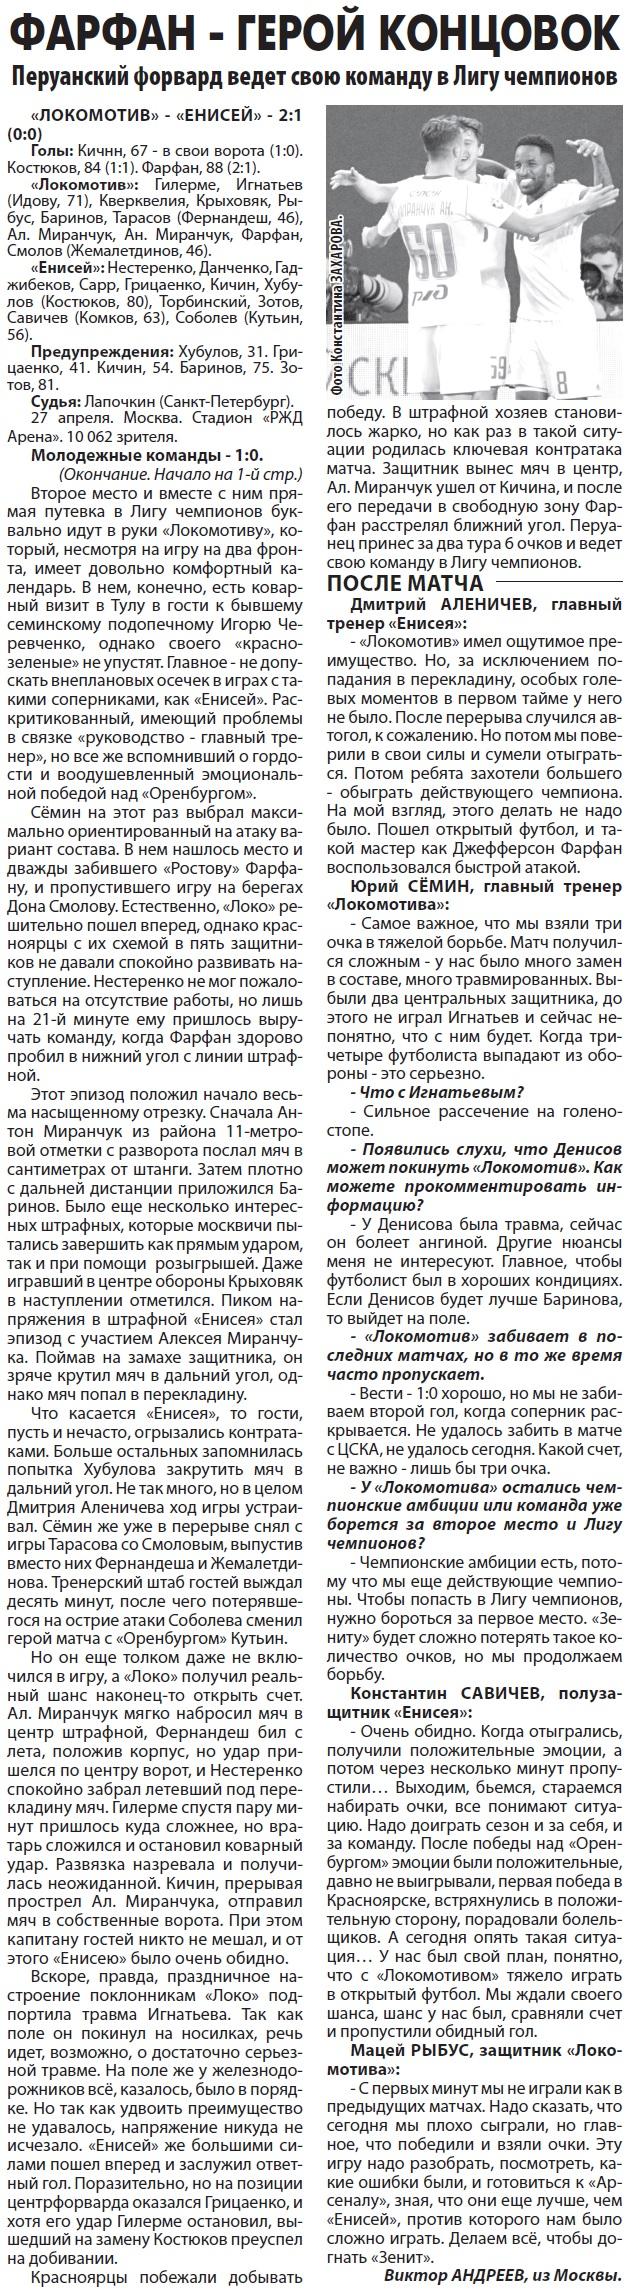 Локомотив (Москва) - Енисей (Красноярск) 2:1